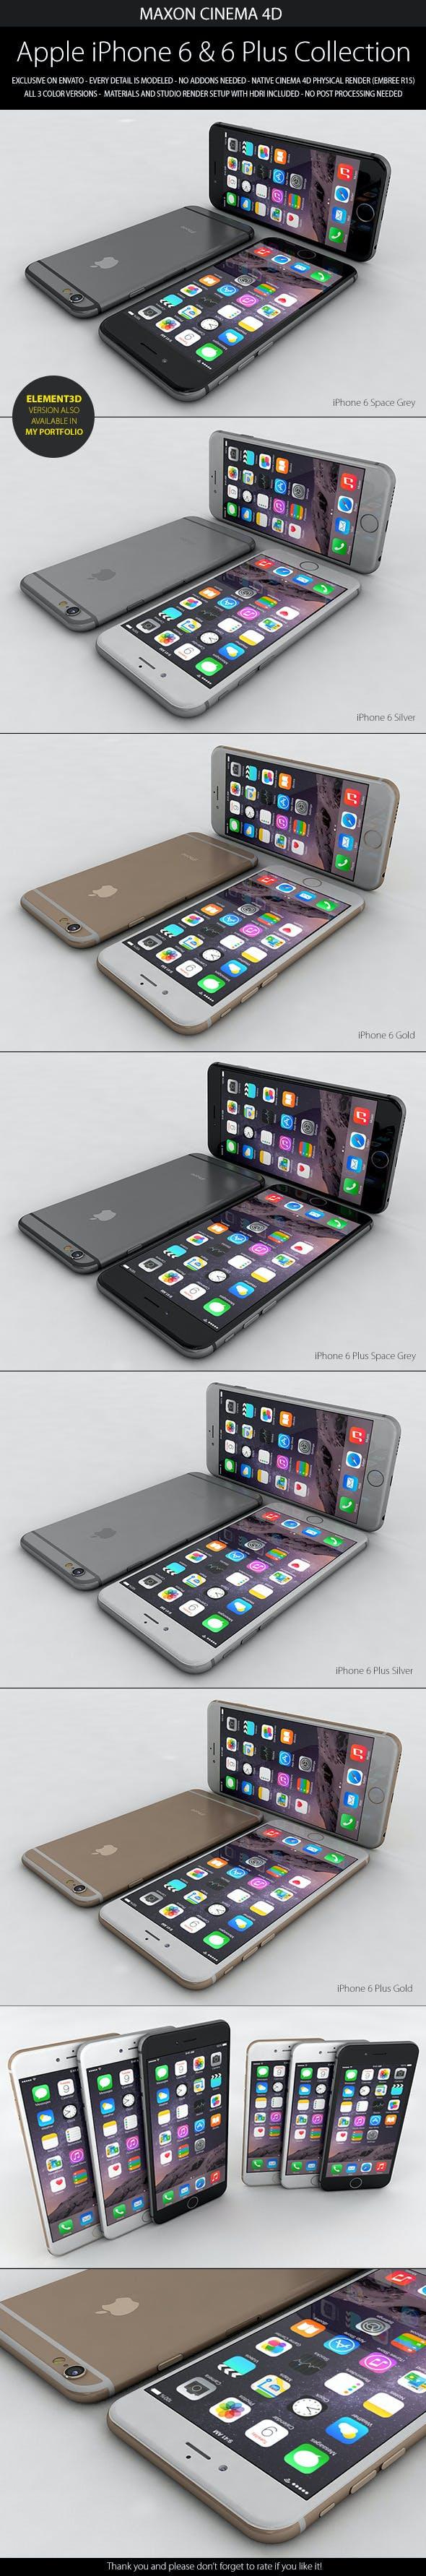 iPhone 6 & 6 Plus - 3DOcean Item for Sale